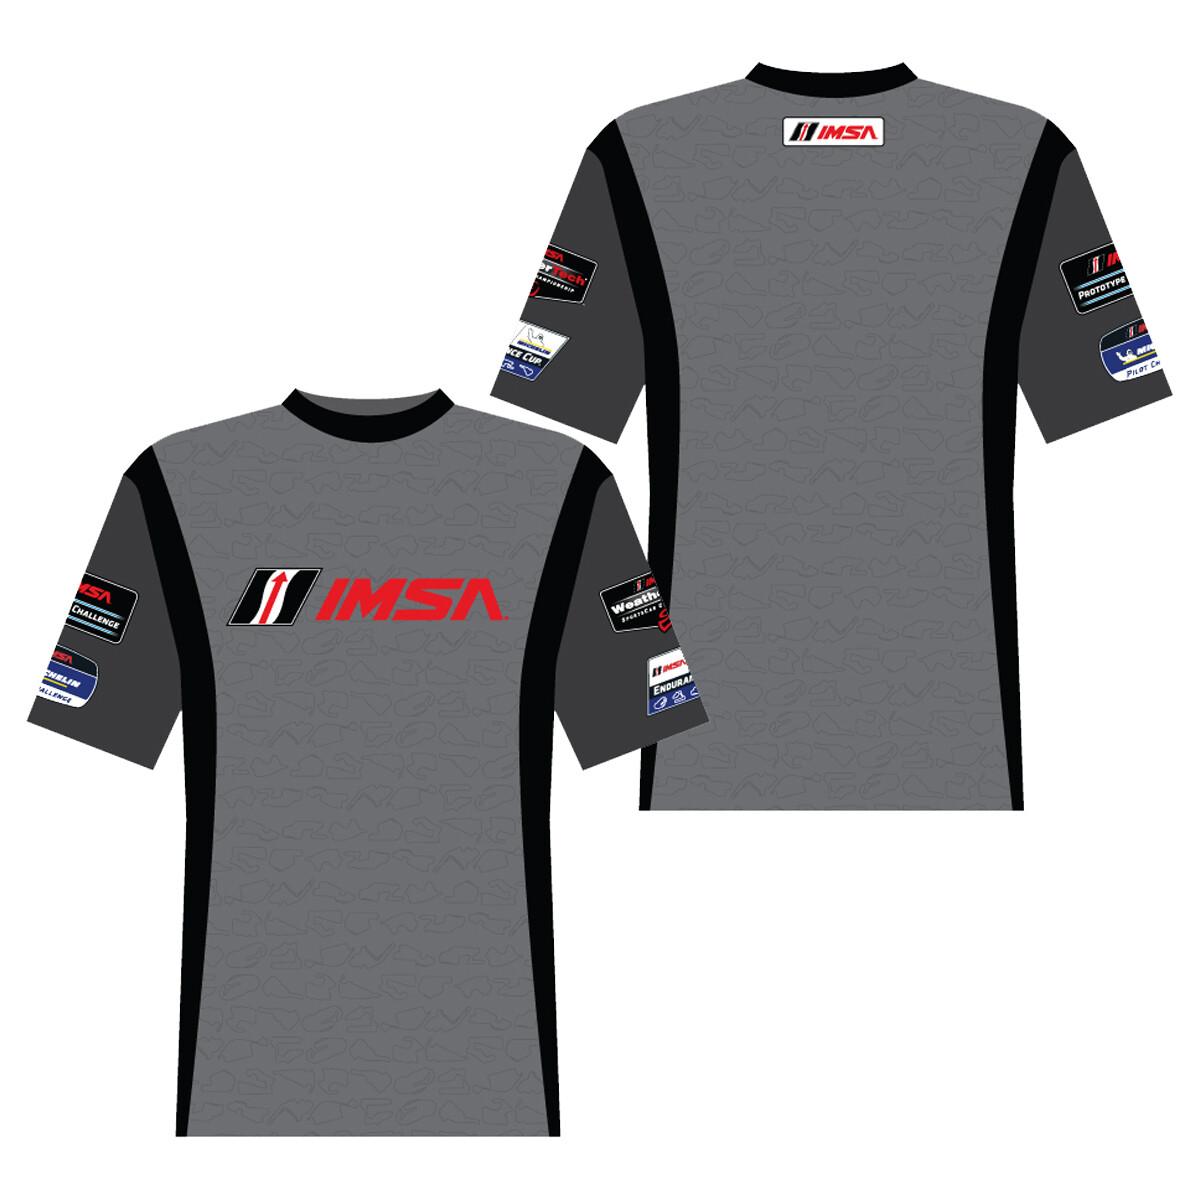 IMSA All Over Track T - Multi